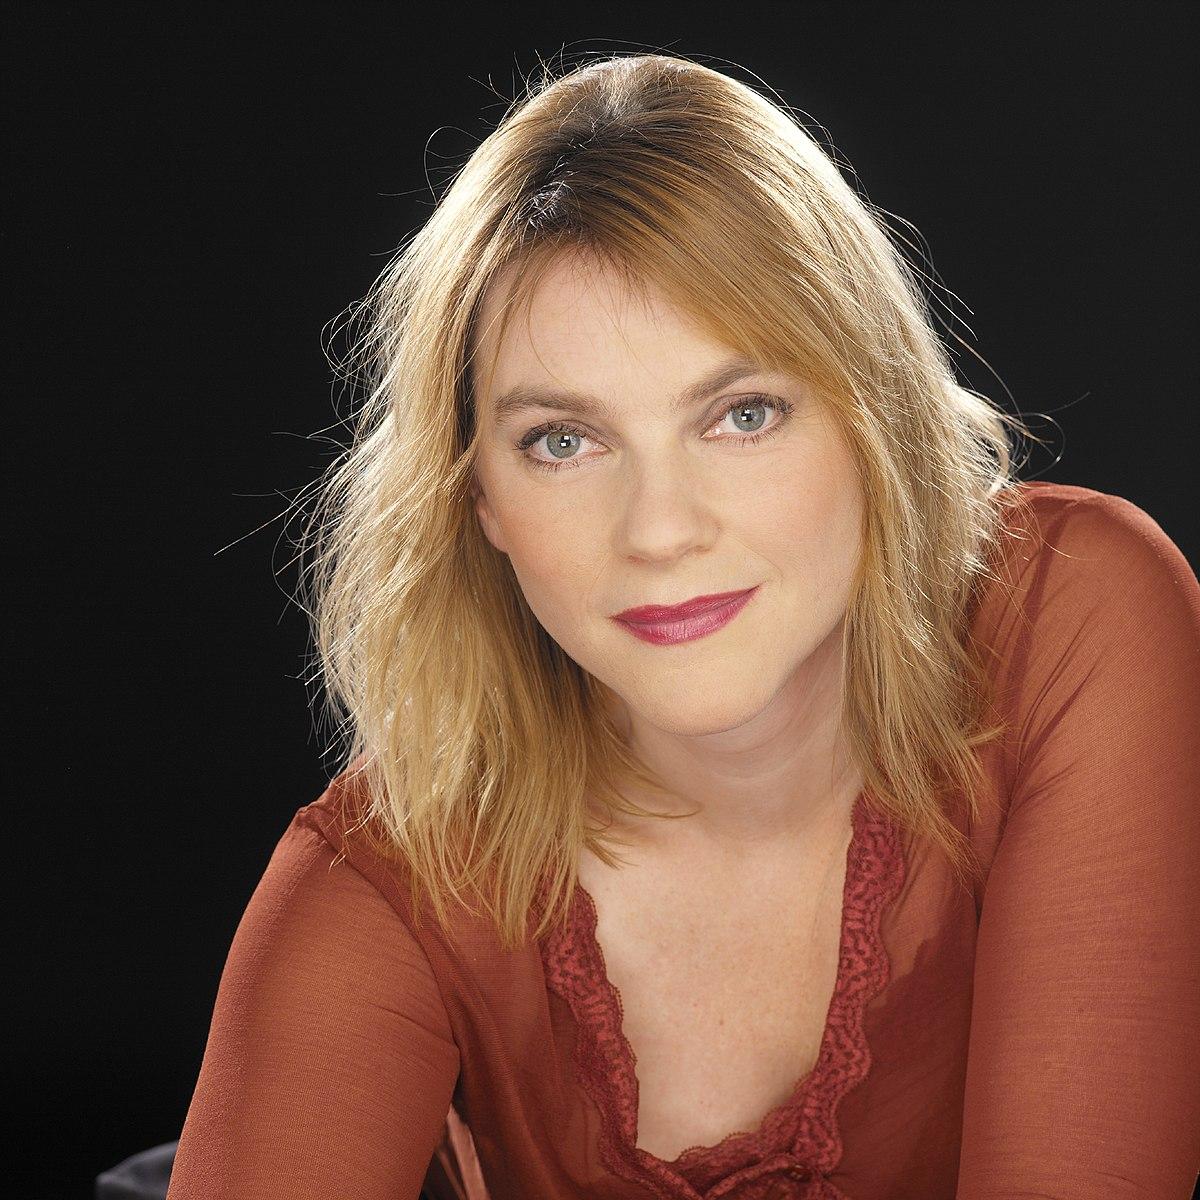 Mylou Frencken - Wikipedia